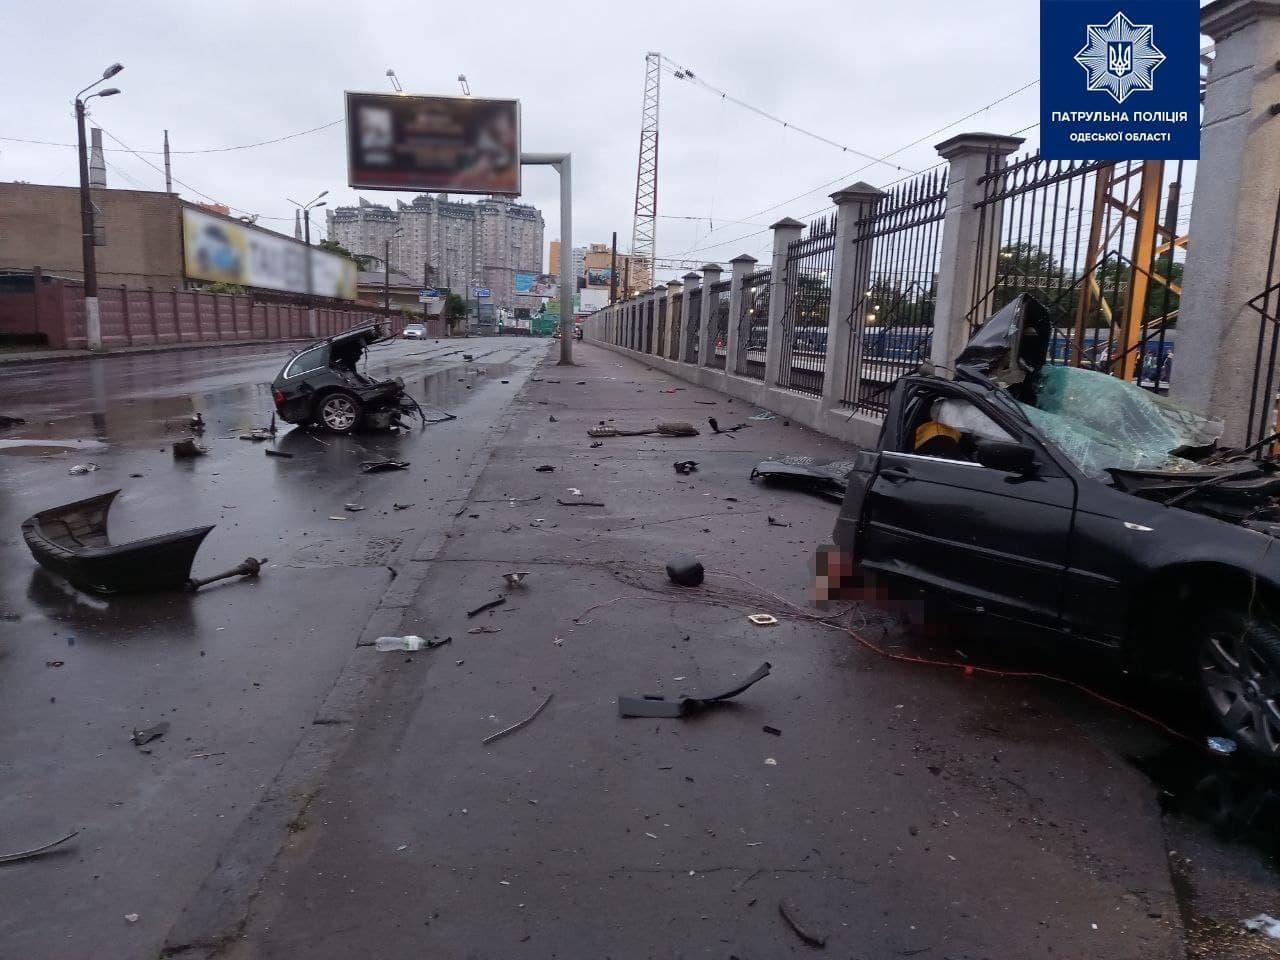 Три трупа и двое пострадавших: за одно утро в Одессе произошло два смертельных ДТП